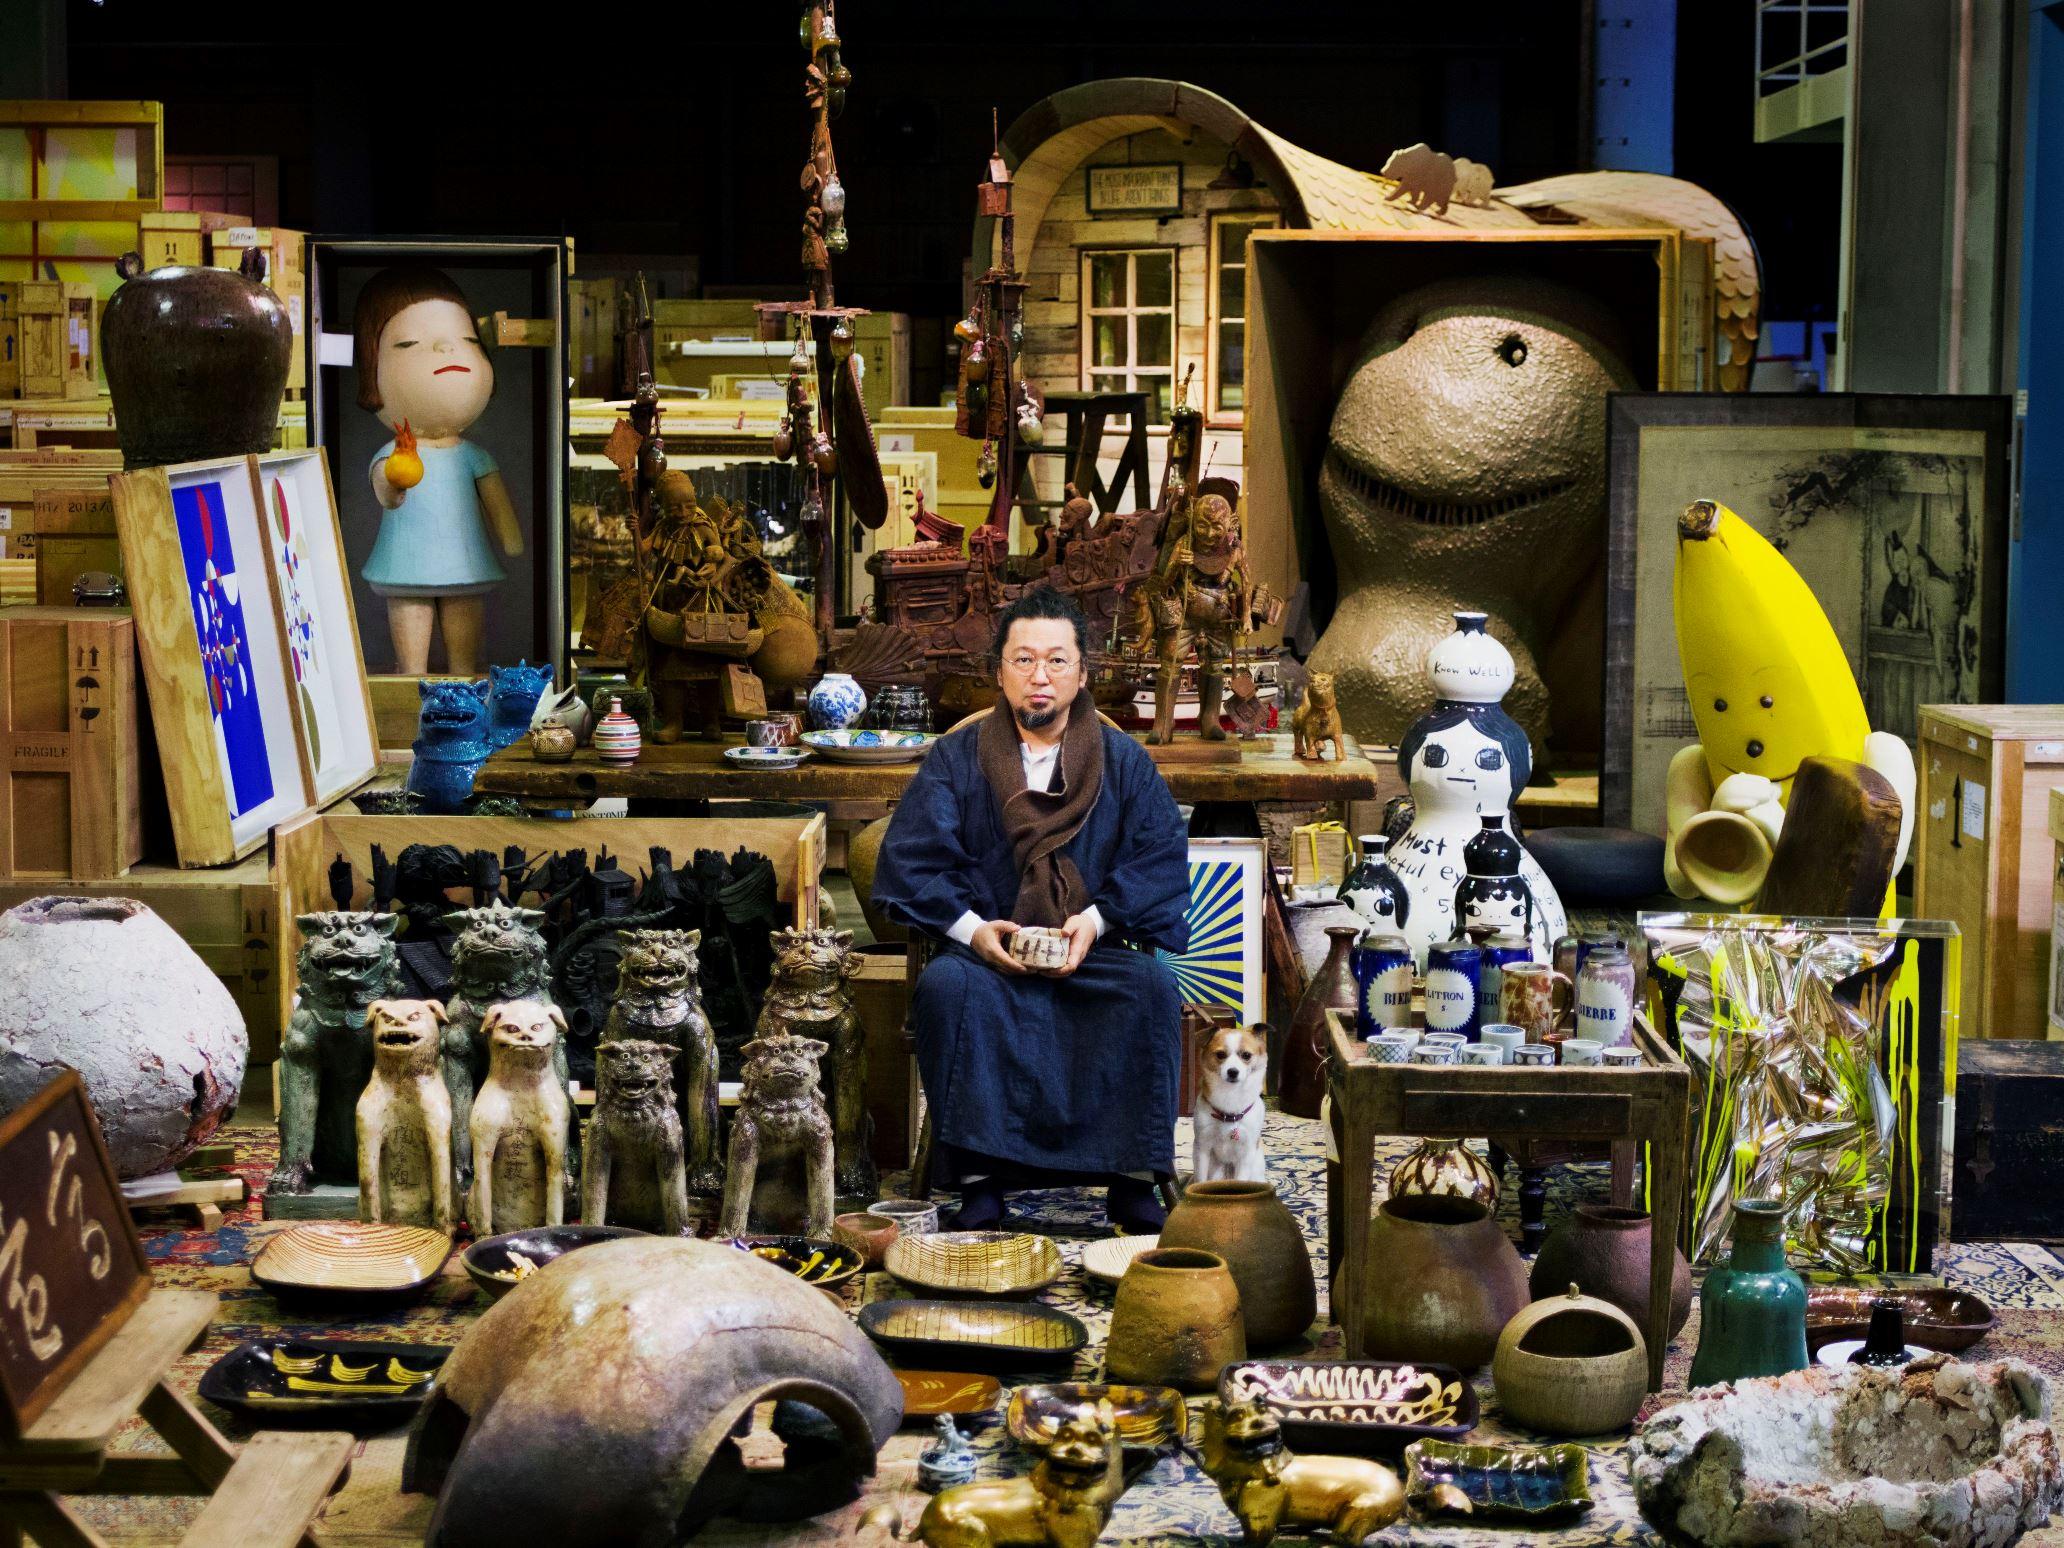 村上隆和他的SuperFlat藏品展 摄影:平尾健太郎